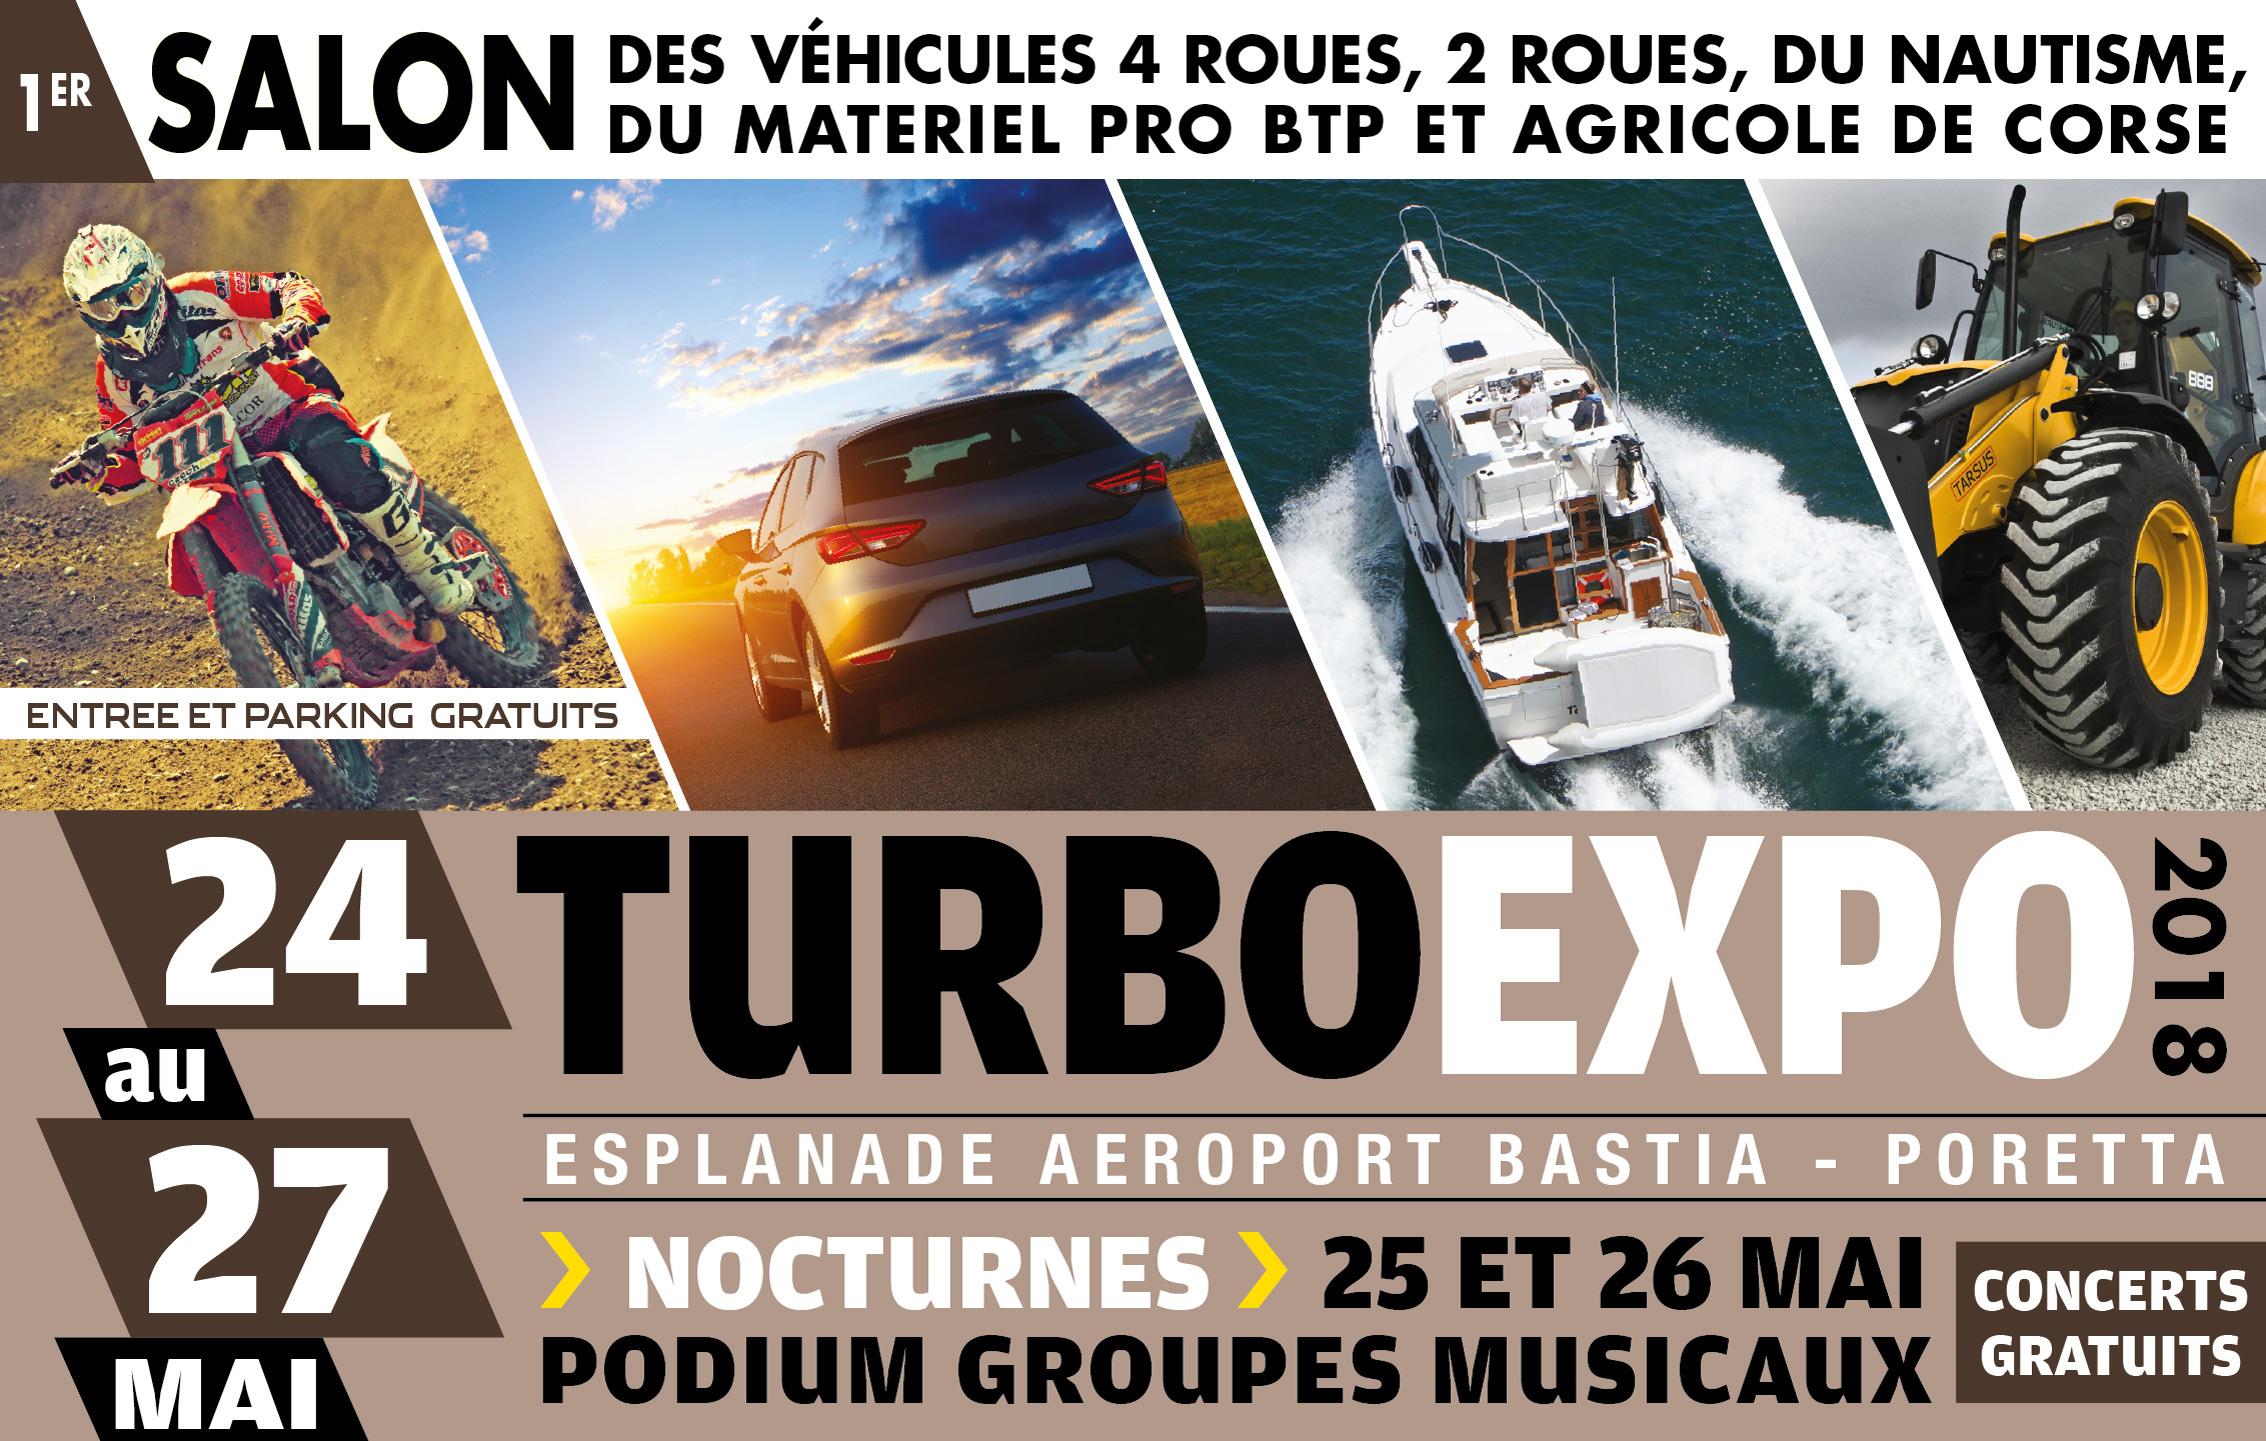 Turbo expo 2018 : 4 jours de salon à Poretta !